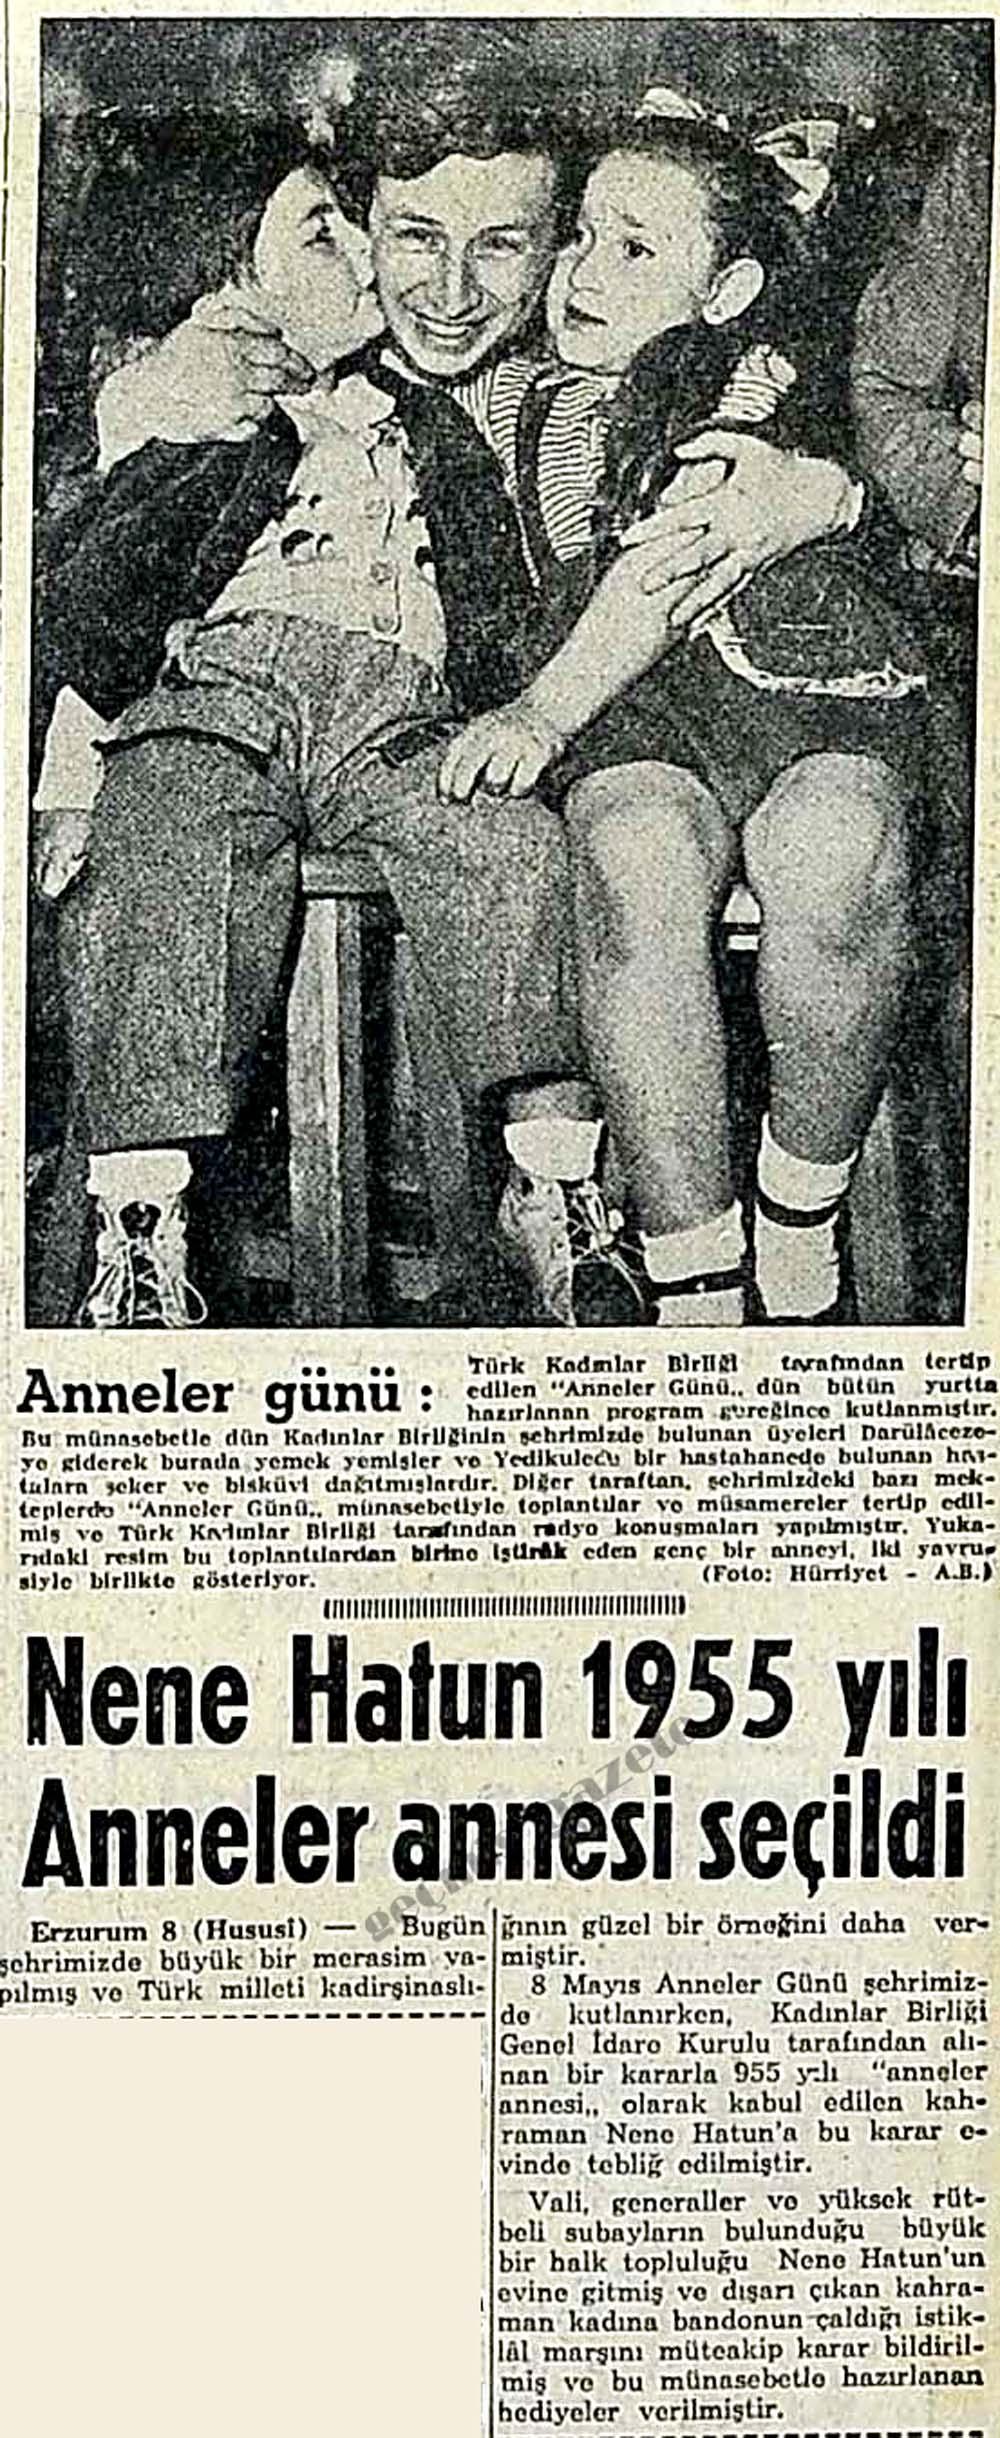 Nene Hatun 1955 yılı Anneler annesi seçildi